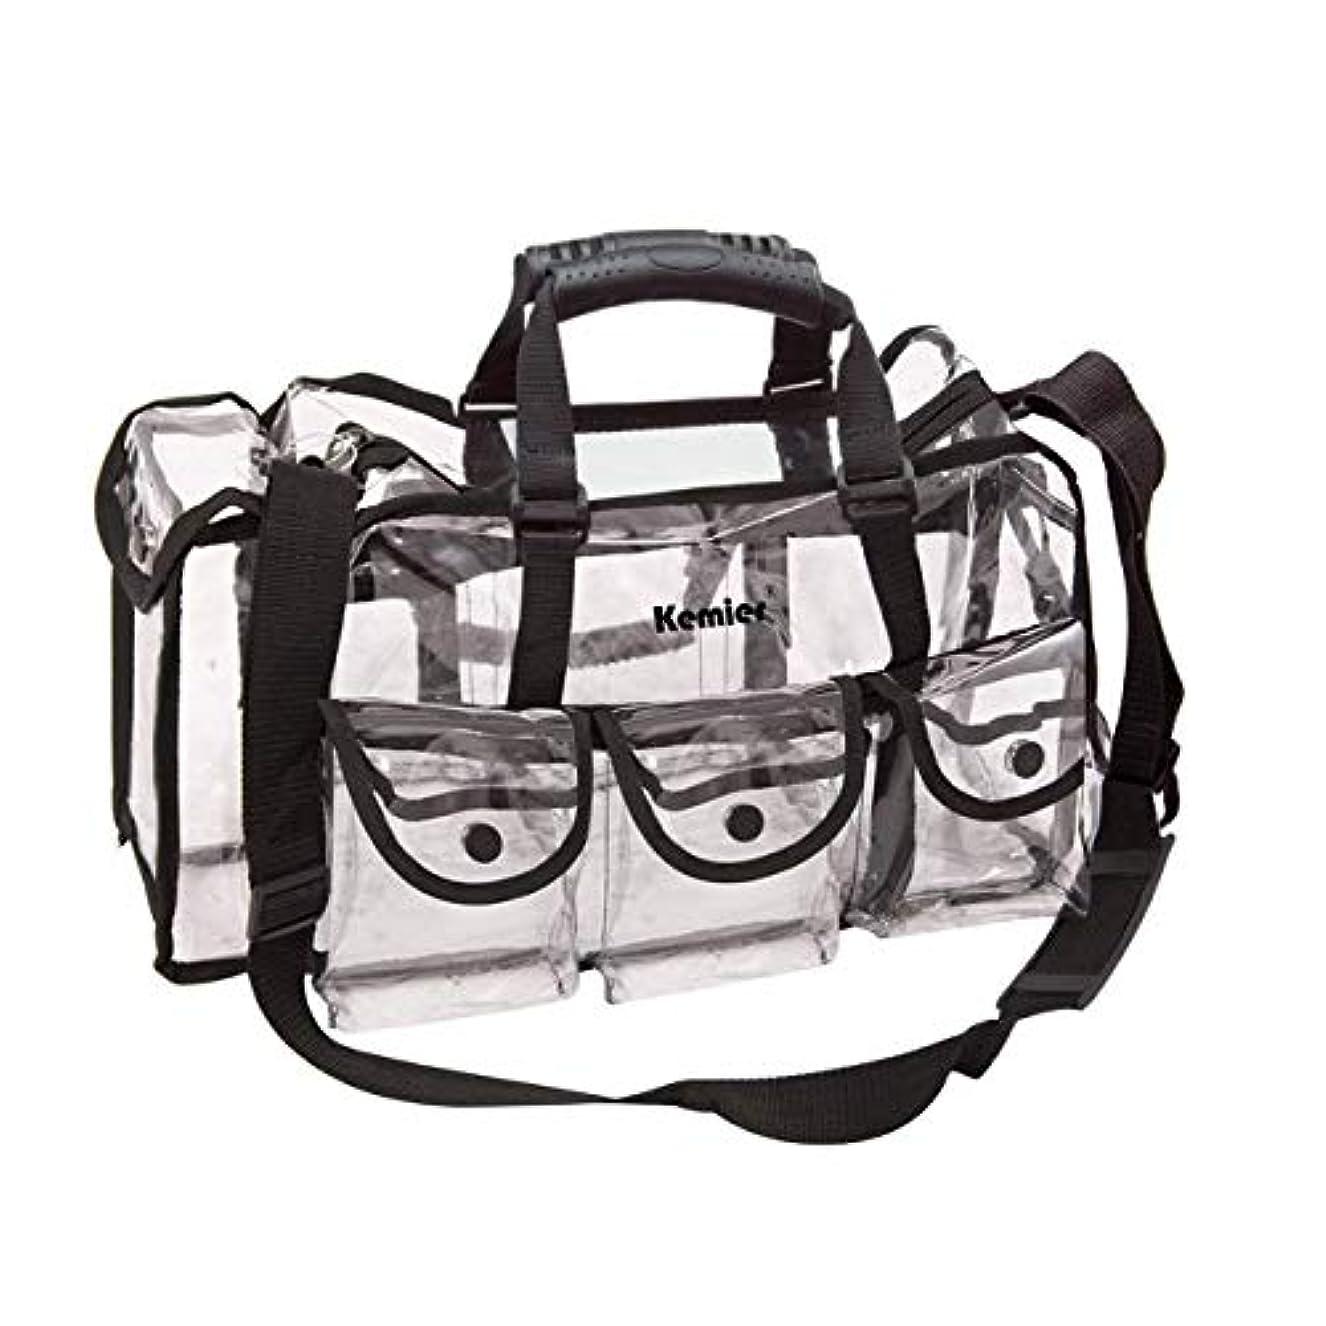 マディソン農夫芸術的Kemier 透明 ハンドバッグ 機能的 コスメポーチ メイクポーチ メイクケース 小物入れ 化粧道具 整理整頓 軽量 防水 旅行 小物入れ 6つの外側ポケット付き